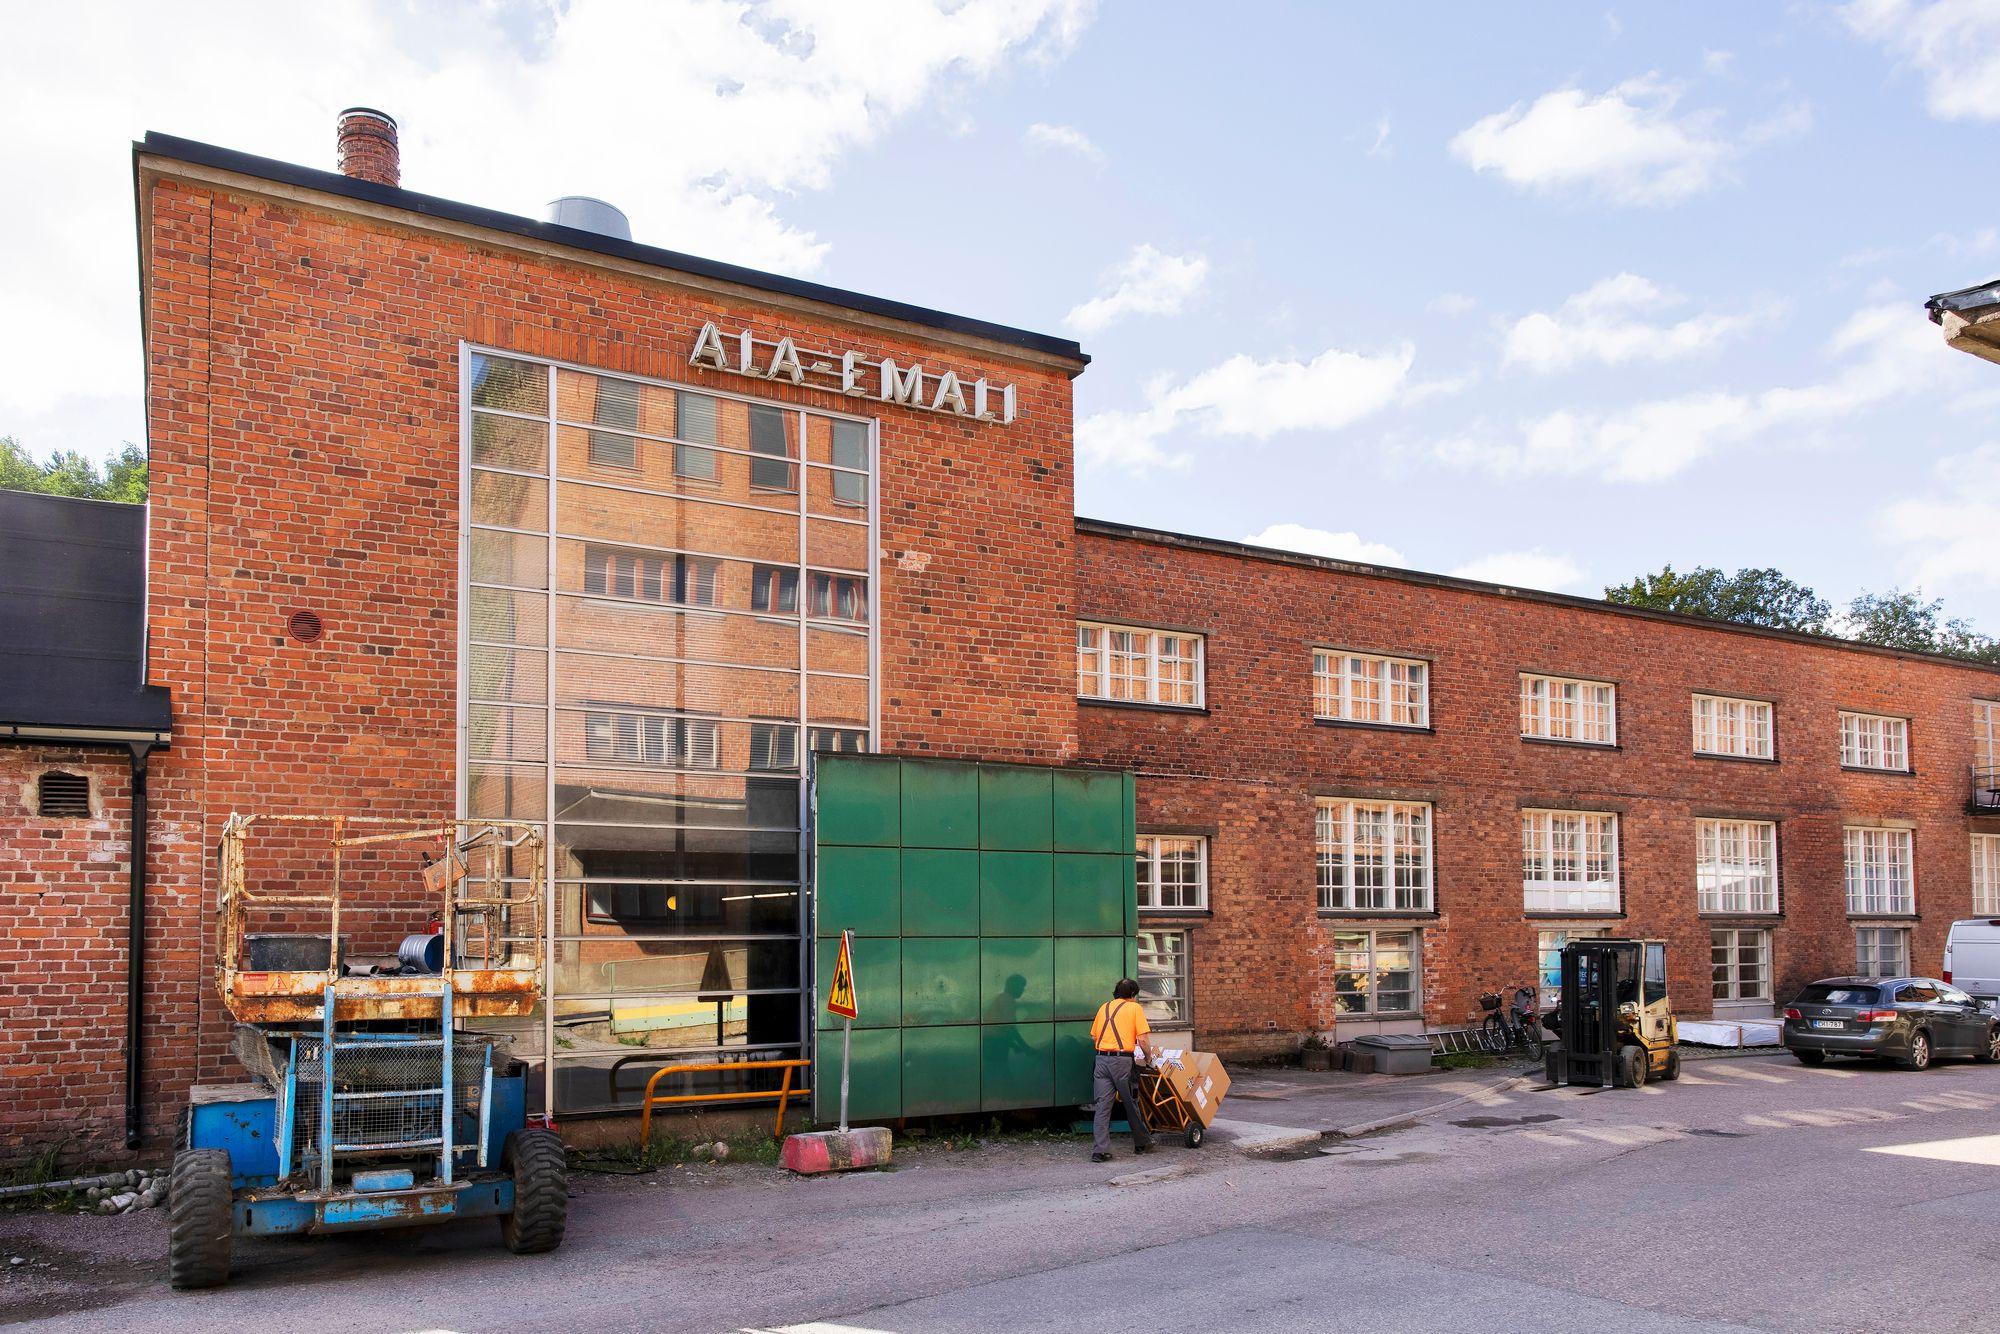 Rakennuksen katolle on tulossa iso Kino Laika -kyltti. Se puuttui vielä syyskuun alussa. © Tommi Tuomi